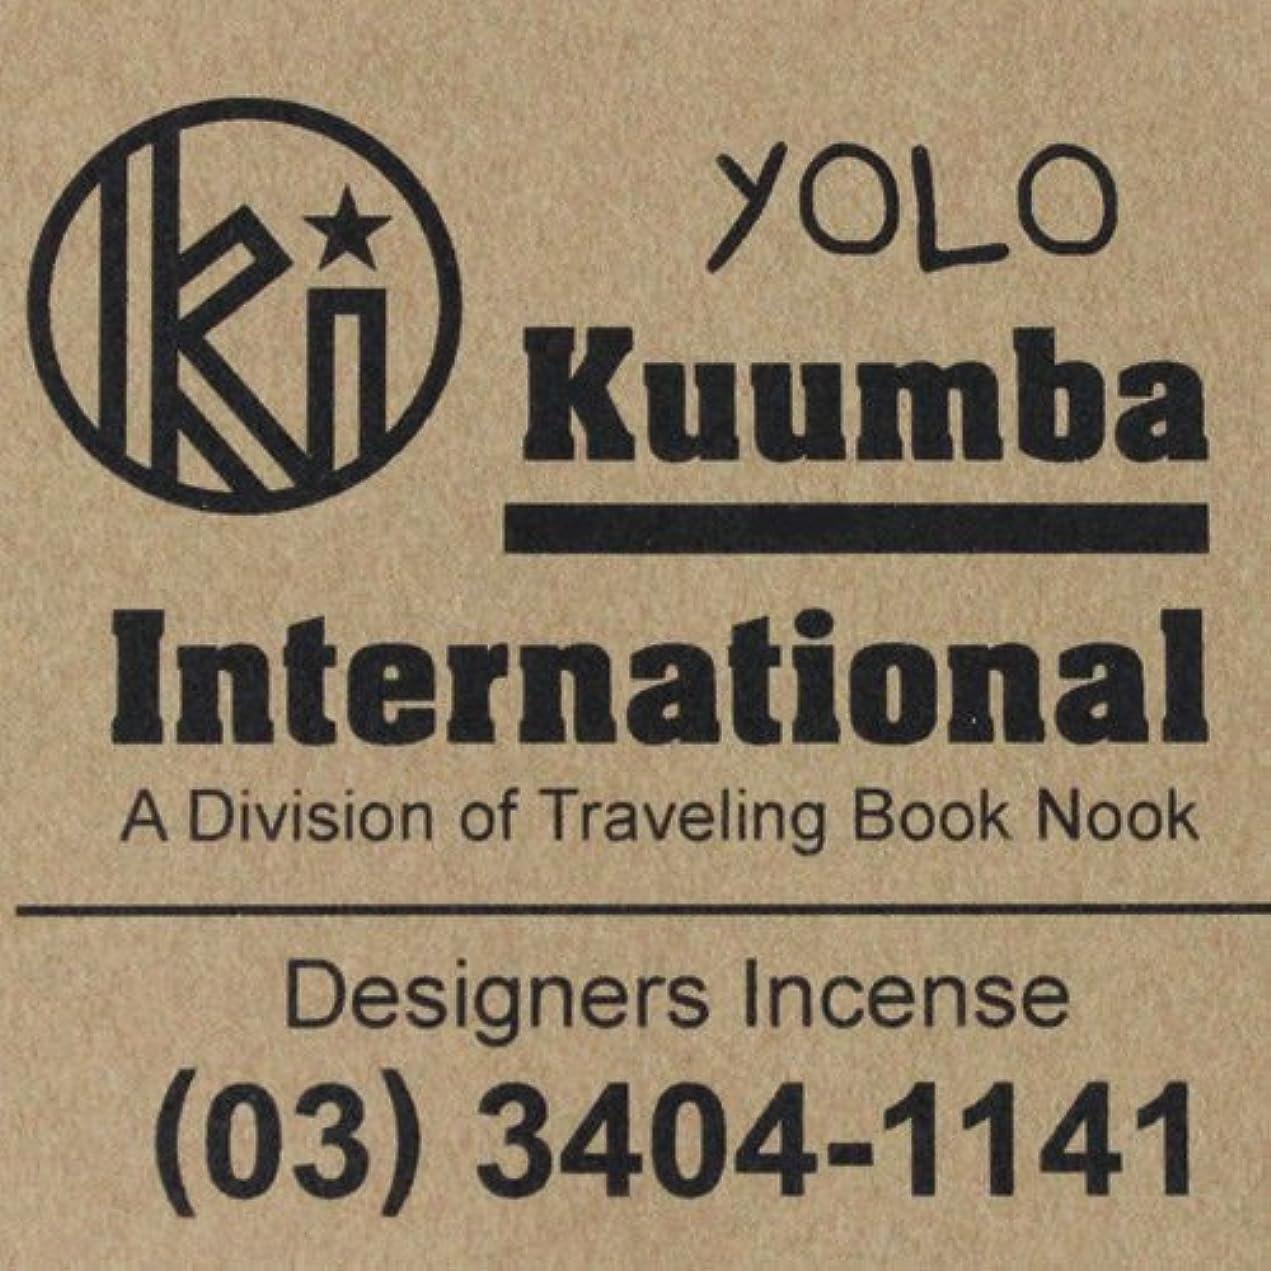 生息地ビームよろめくKuumba(クンバ)『incense』(YOLO) (Regular size)